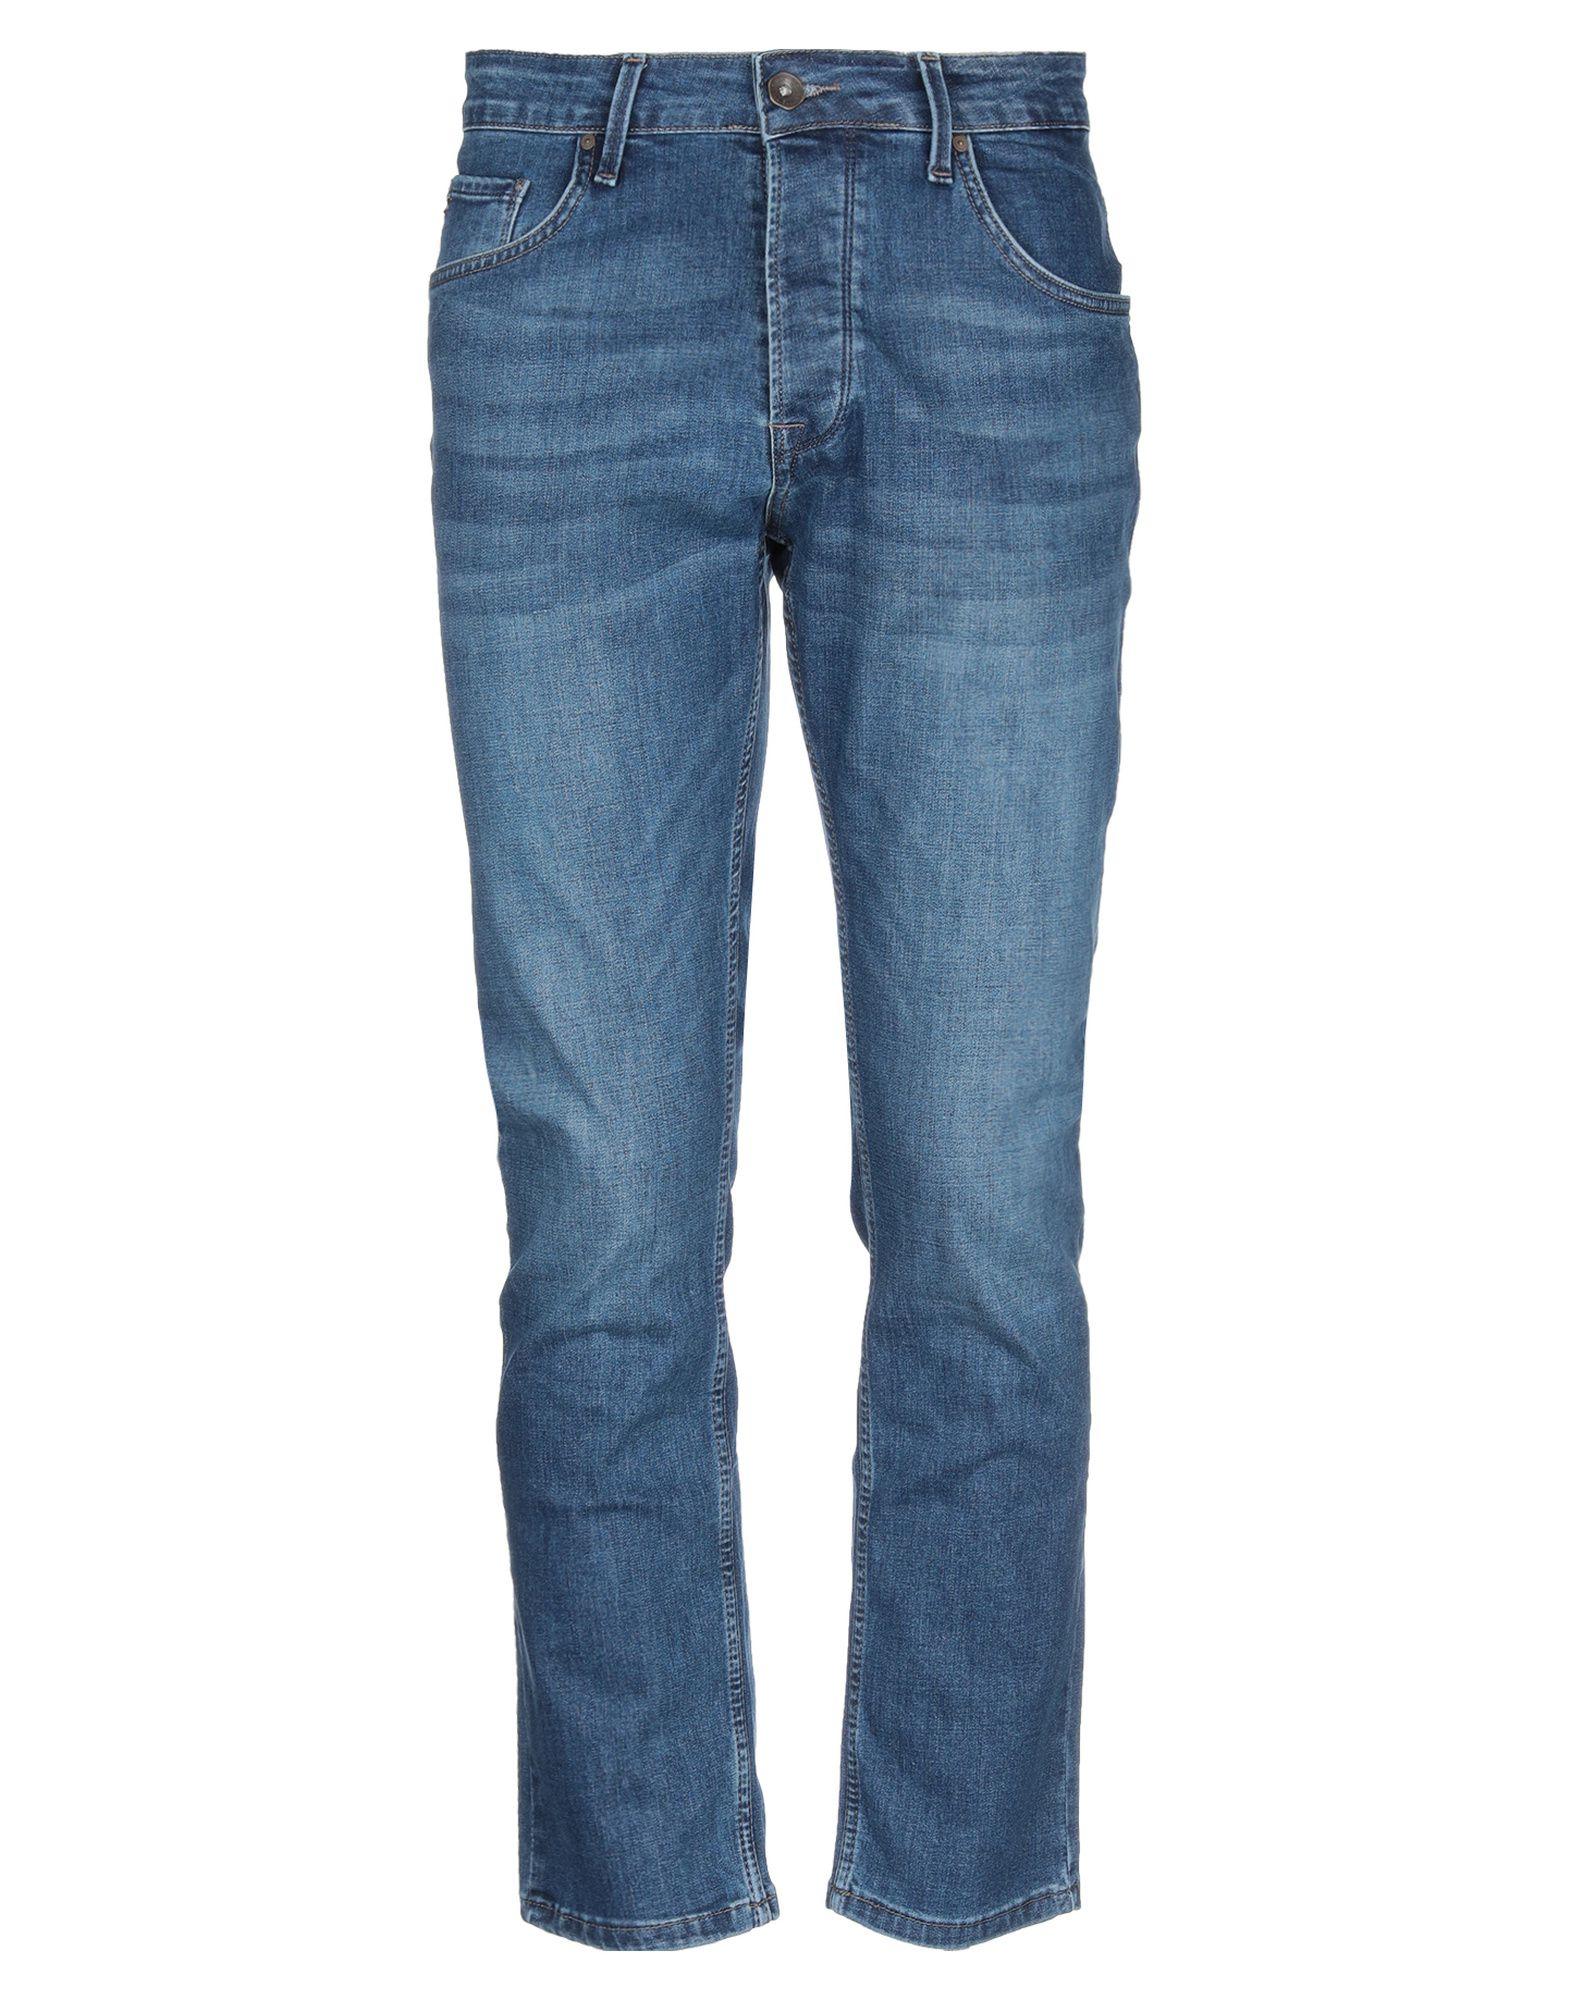 《送料無料》FIVE POCKET メンズ ジーンズ ブルー 31W-30L コットン 83% / レーヨン 15% / ポリウレタン? 2%